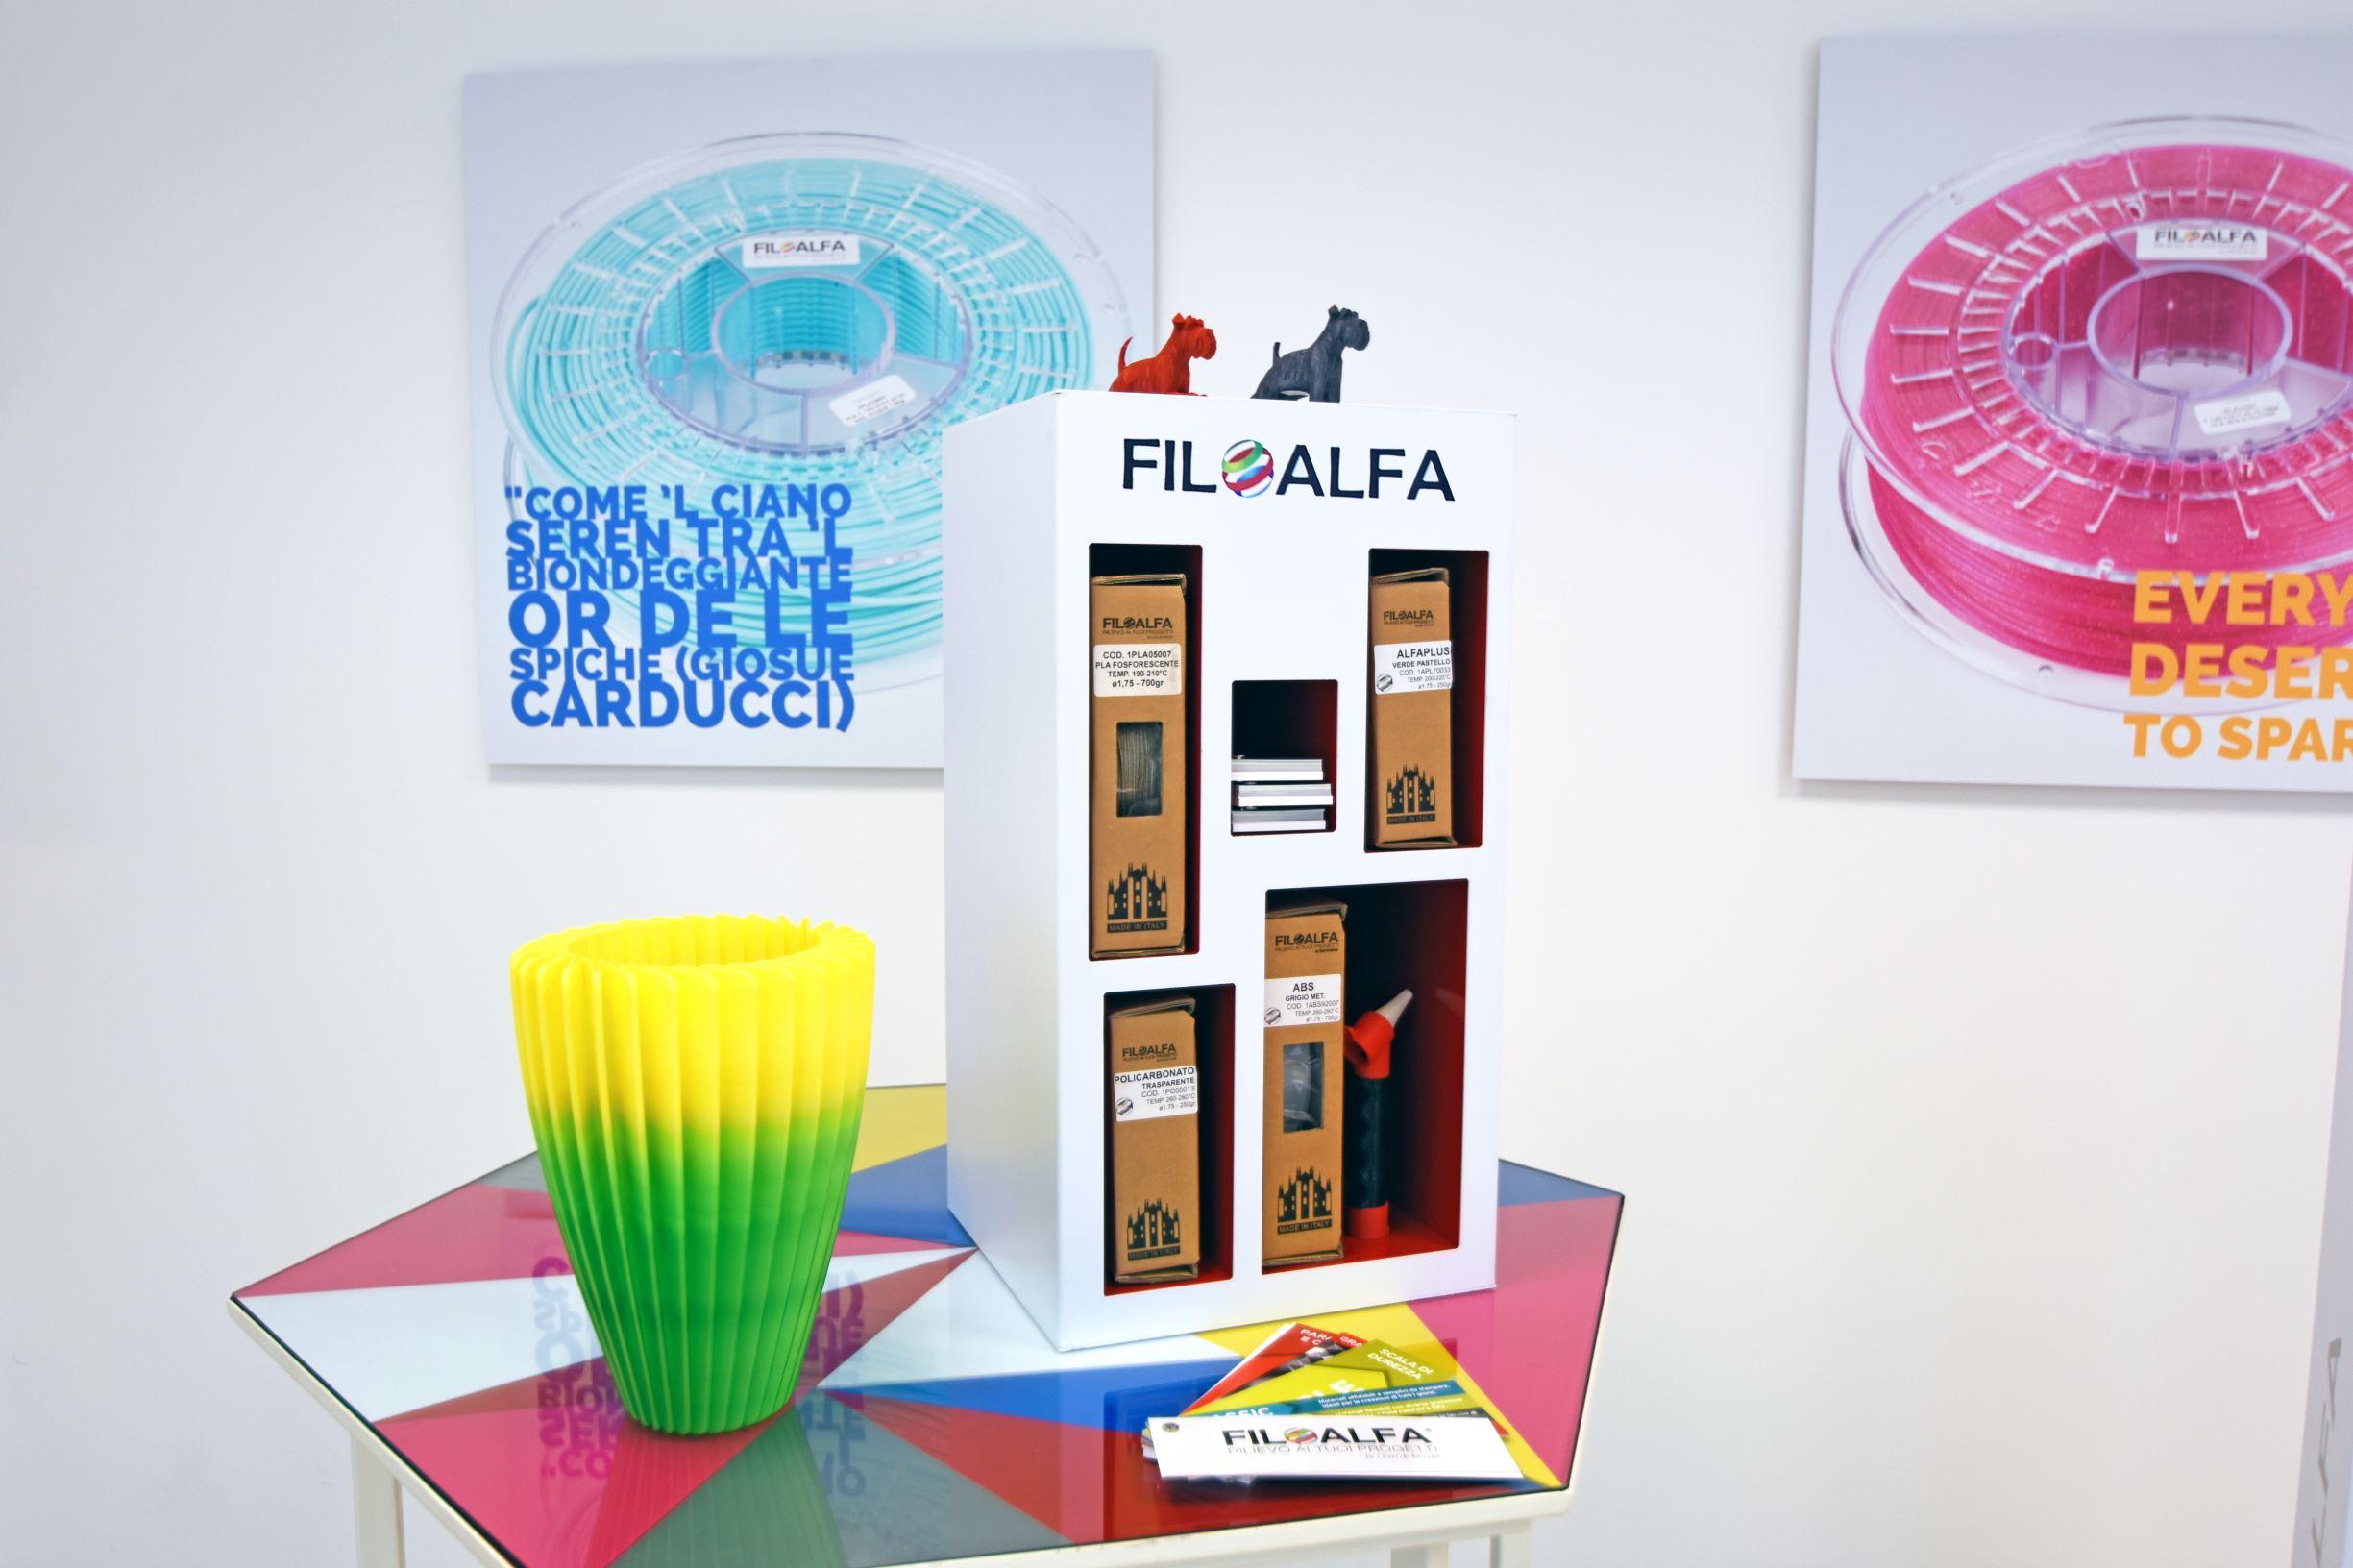 Espositore per prodotti e filamenti Filoalfa